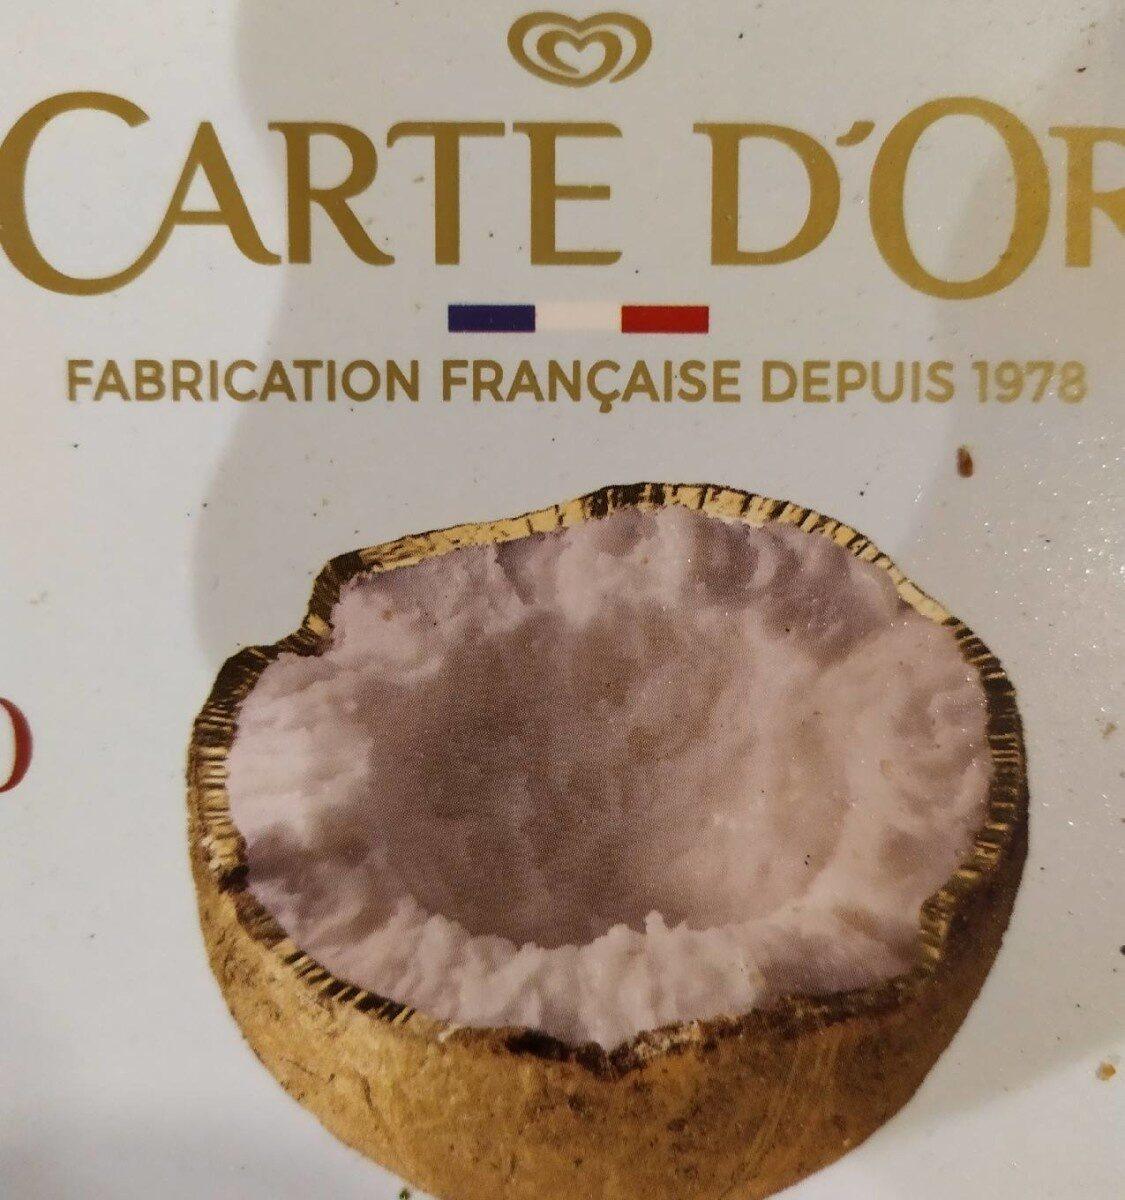 Carte D'or Glace Noix de Coco - Produit - fr